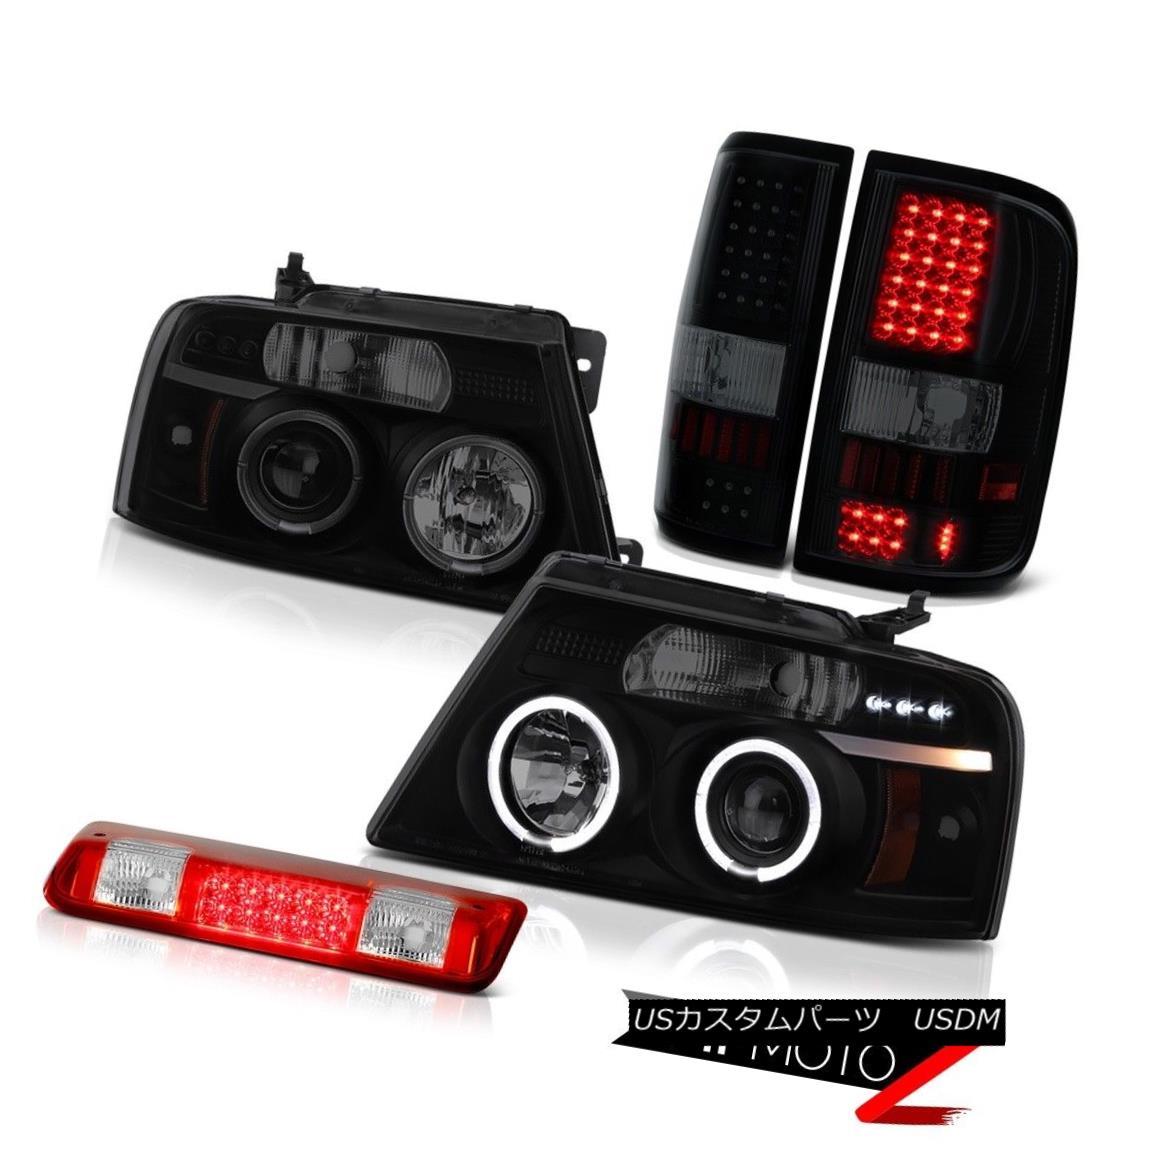 テールライト 2004-2008 Ford F150 FX4 Rosso Red Roof Cab Lamp Tail Lights Headlights LED SMD 2004-2008フォードF150 FX4ロッソレッドルーフキャブランプテールライトヘッドライトLED SMD